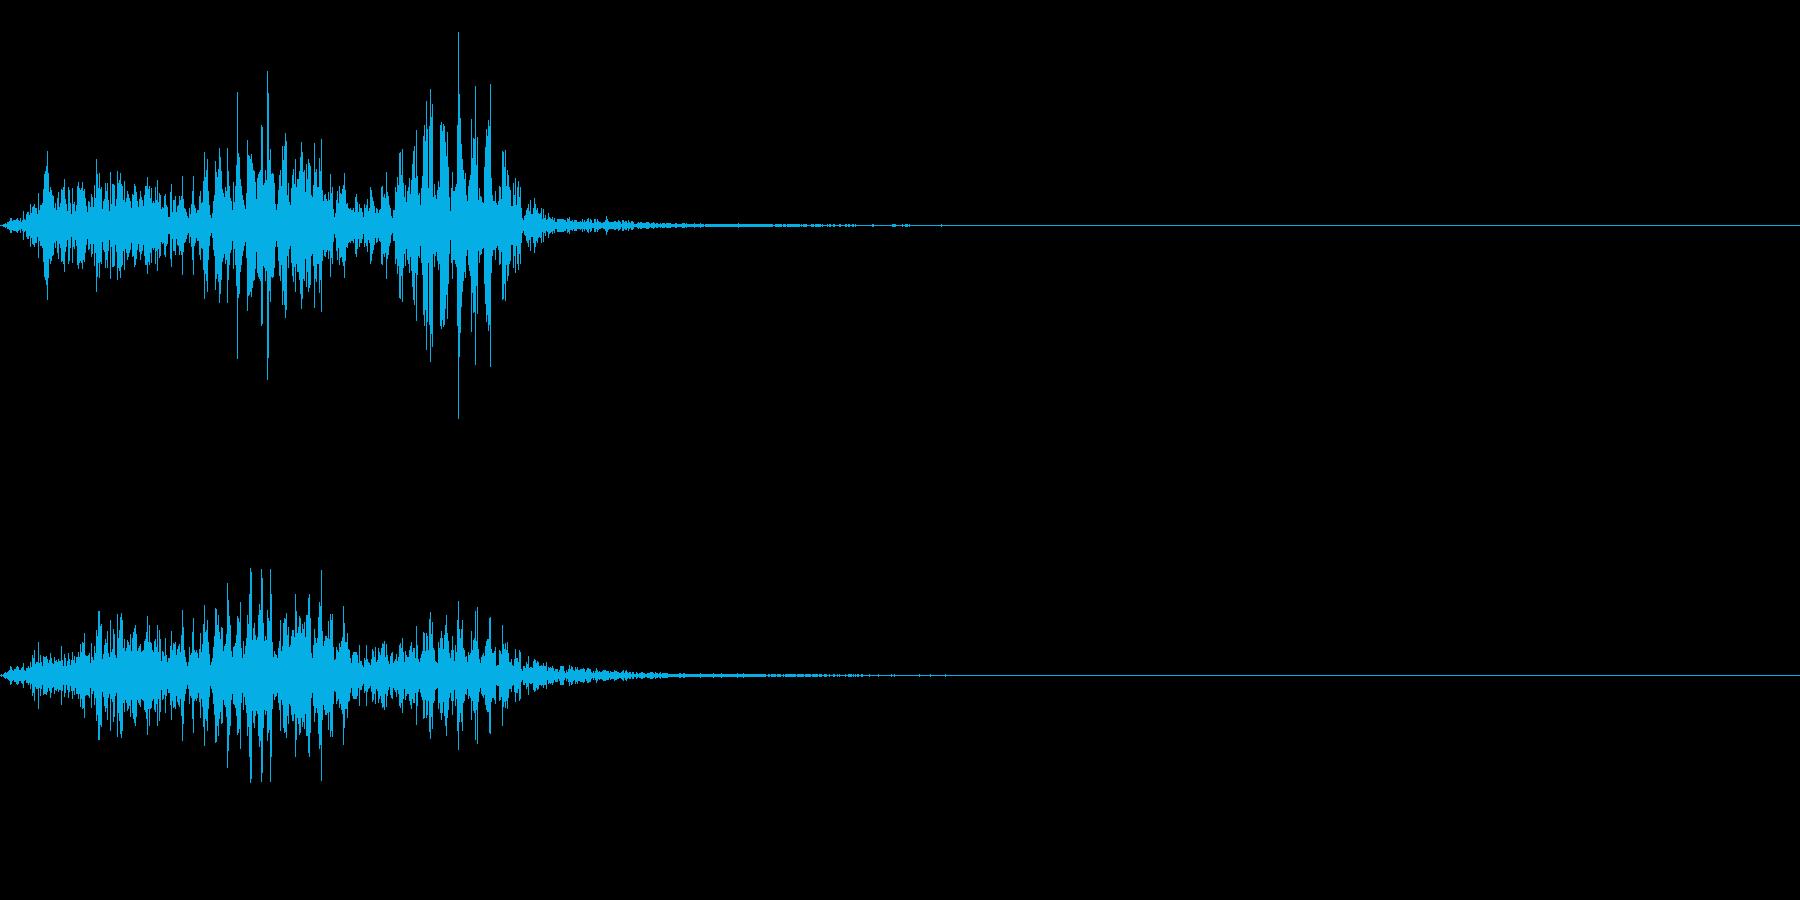 【生録音】フラミンゴの鳴き声 38の再生済みの波形